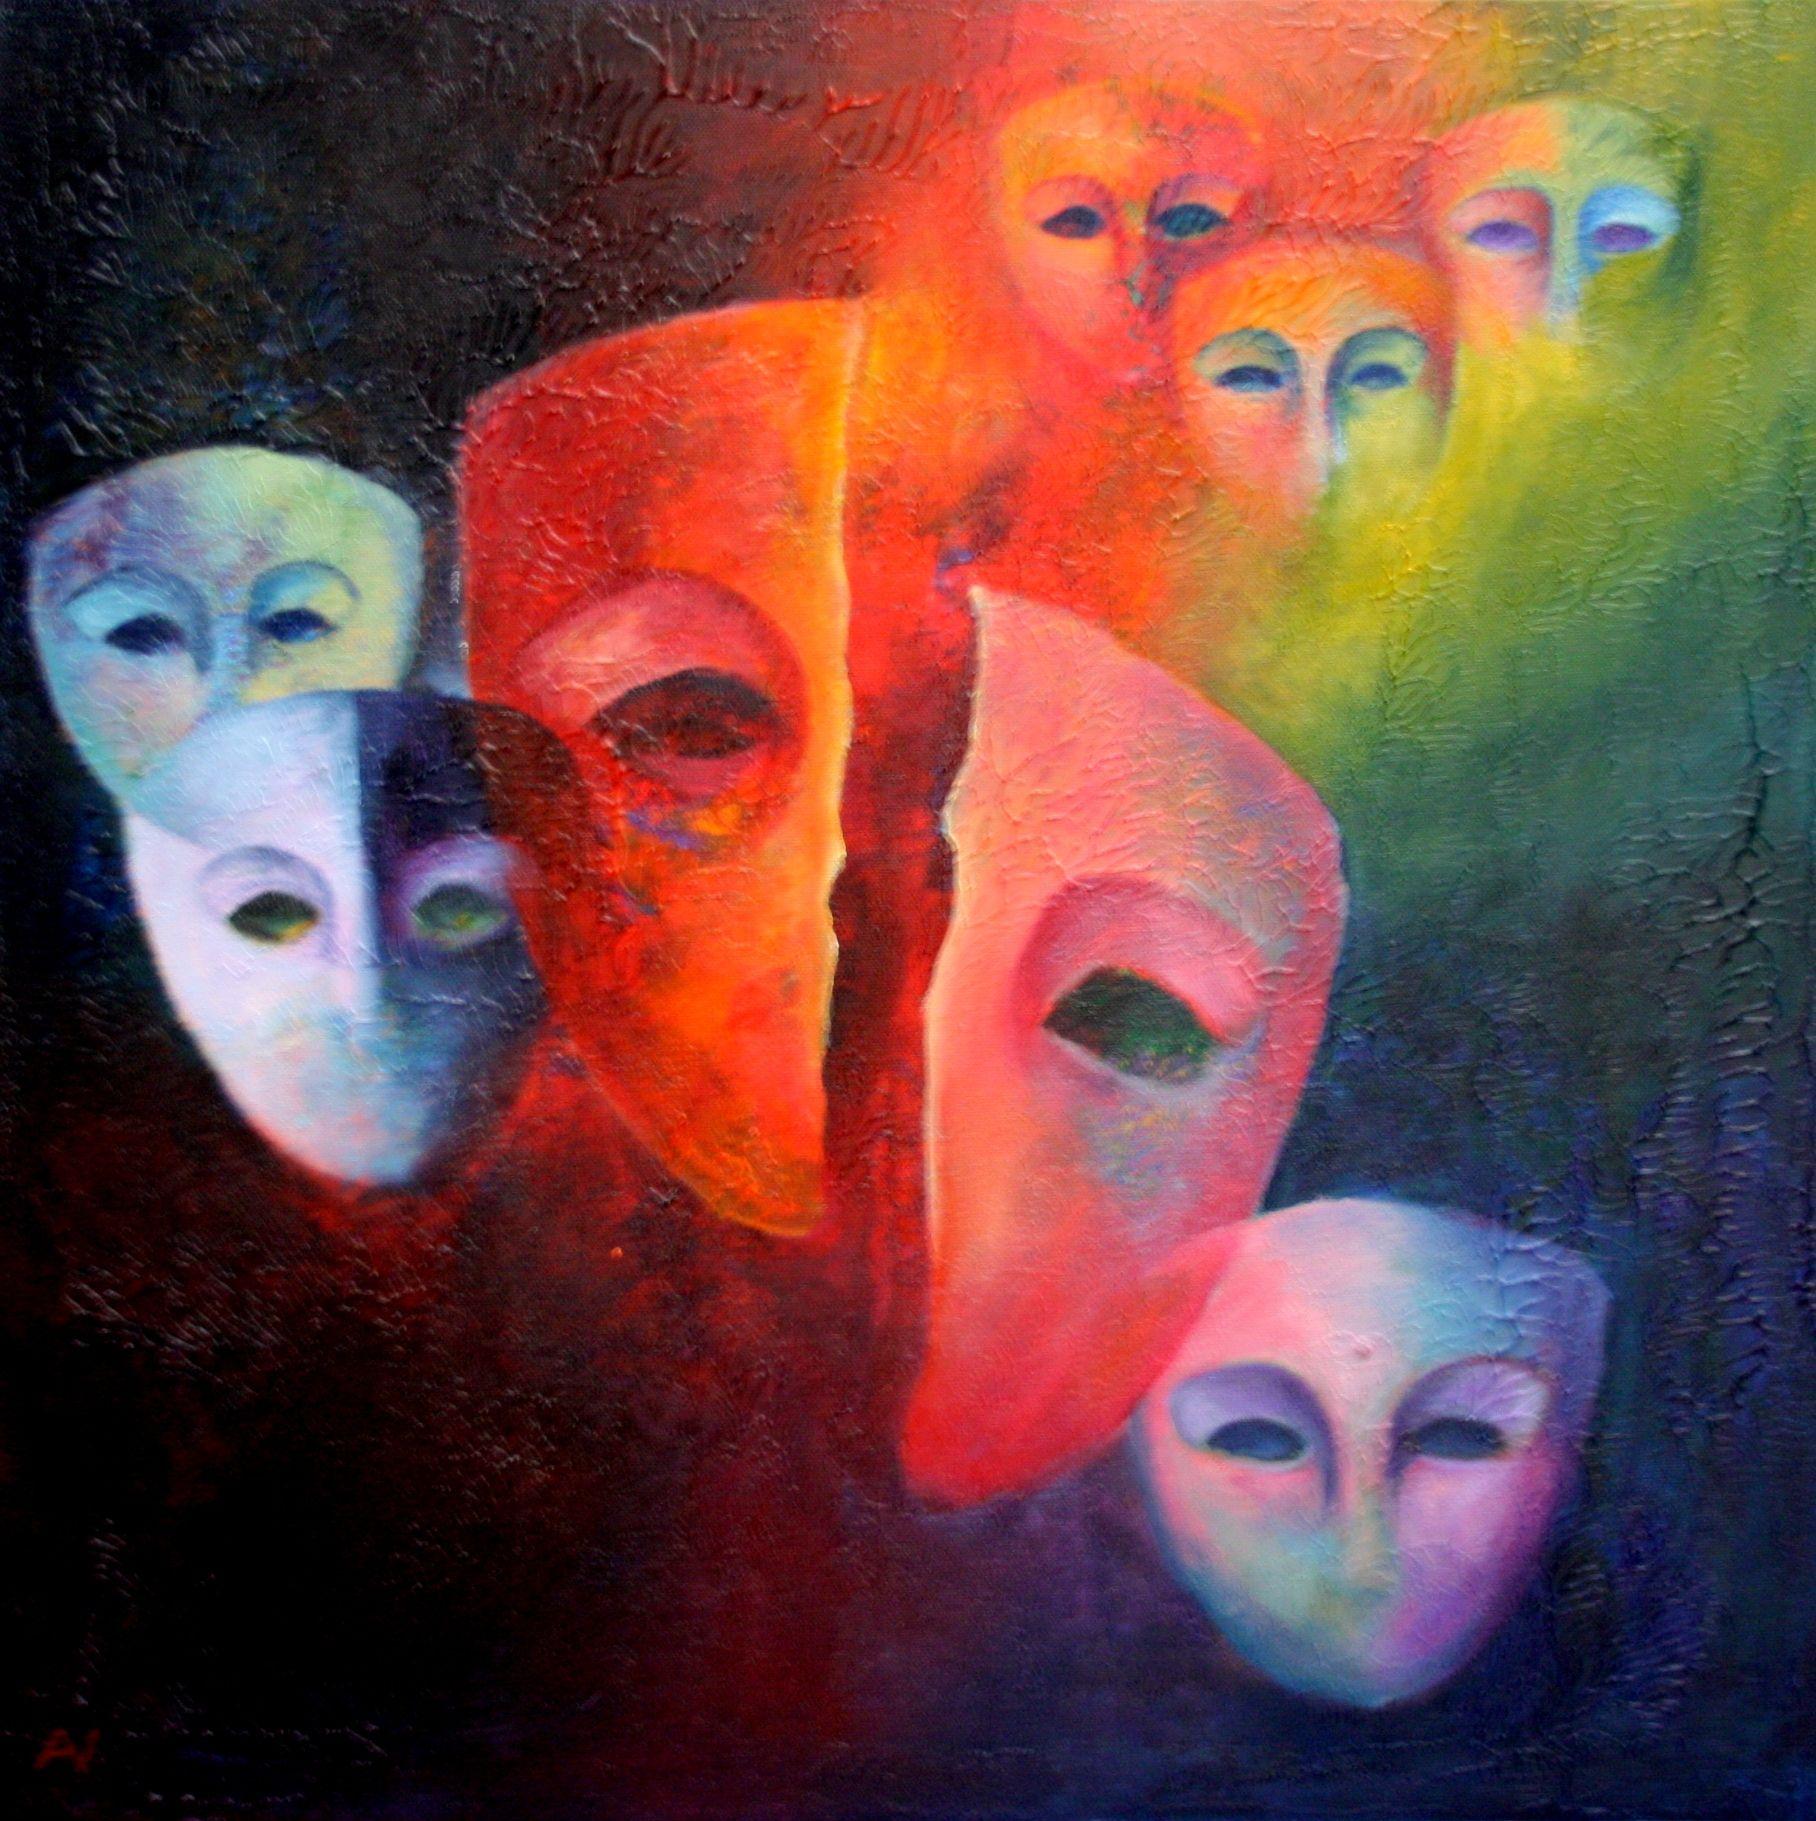 Uit de serie maskers. Vertwijfeling, verscheurd door loyaliteit